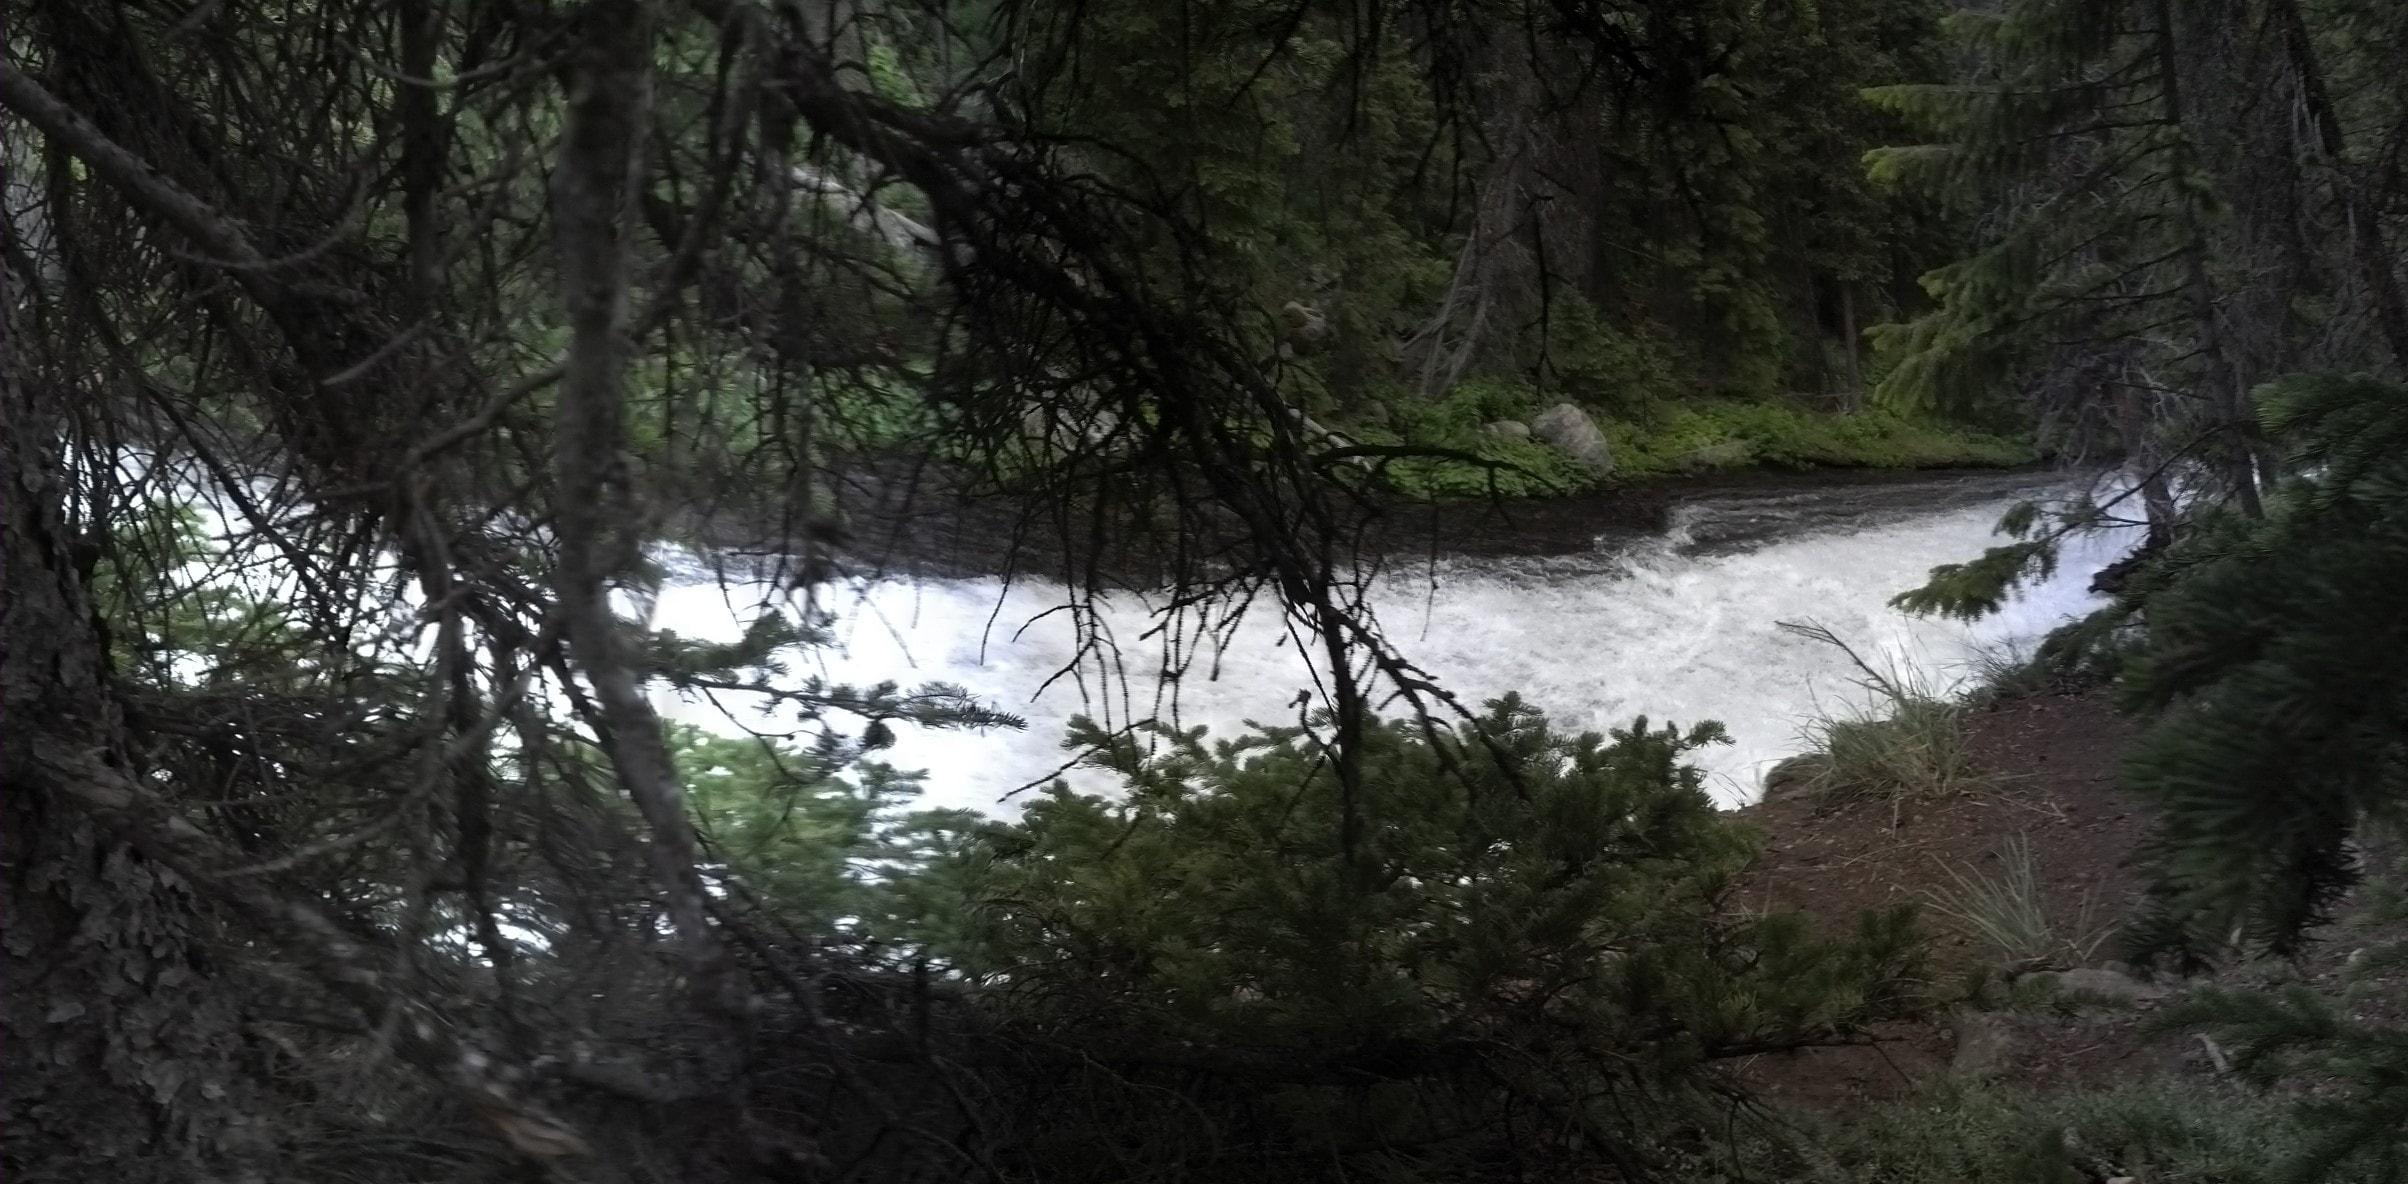 Slide Creek cascade, taken on 16 Jul 13